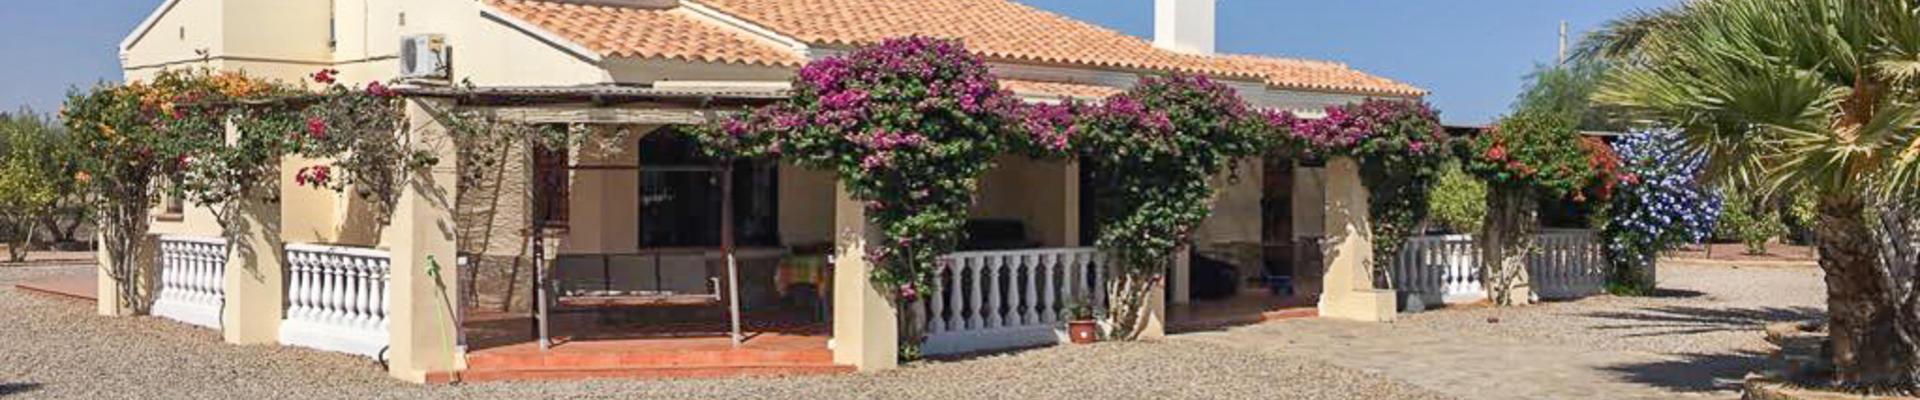 DV1471: 7 Bedroom Villa for Sale